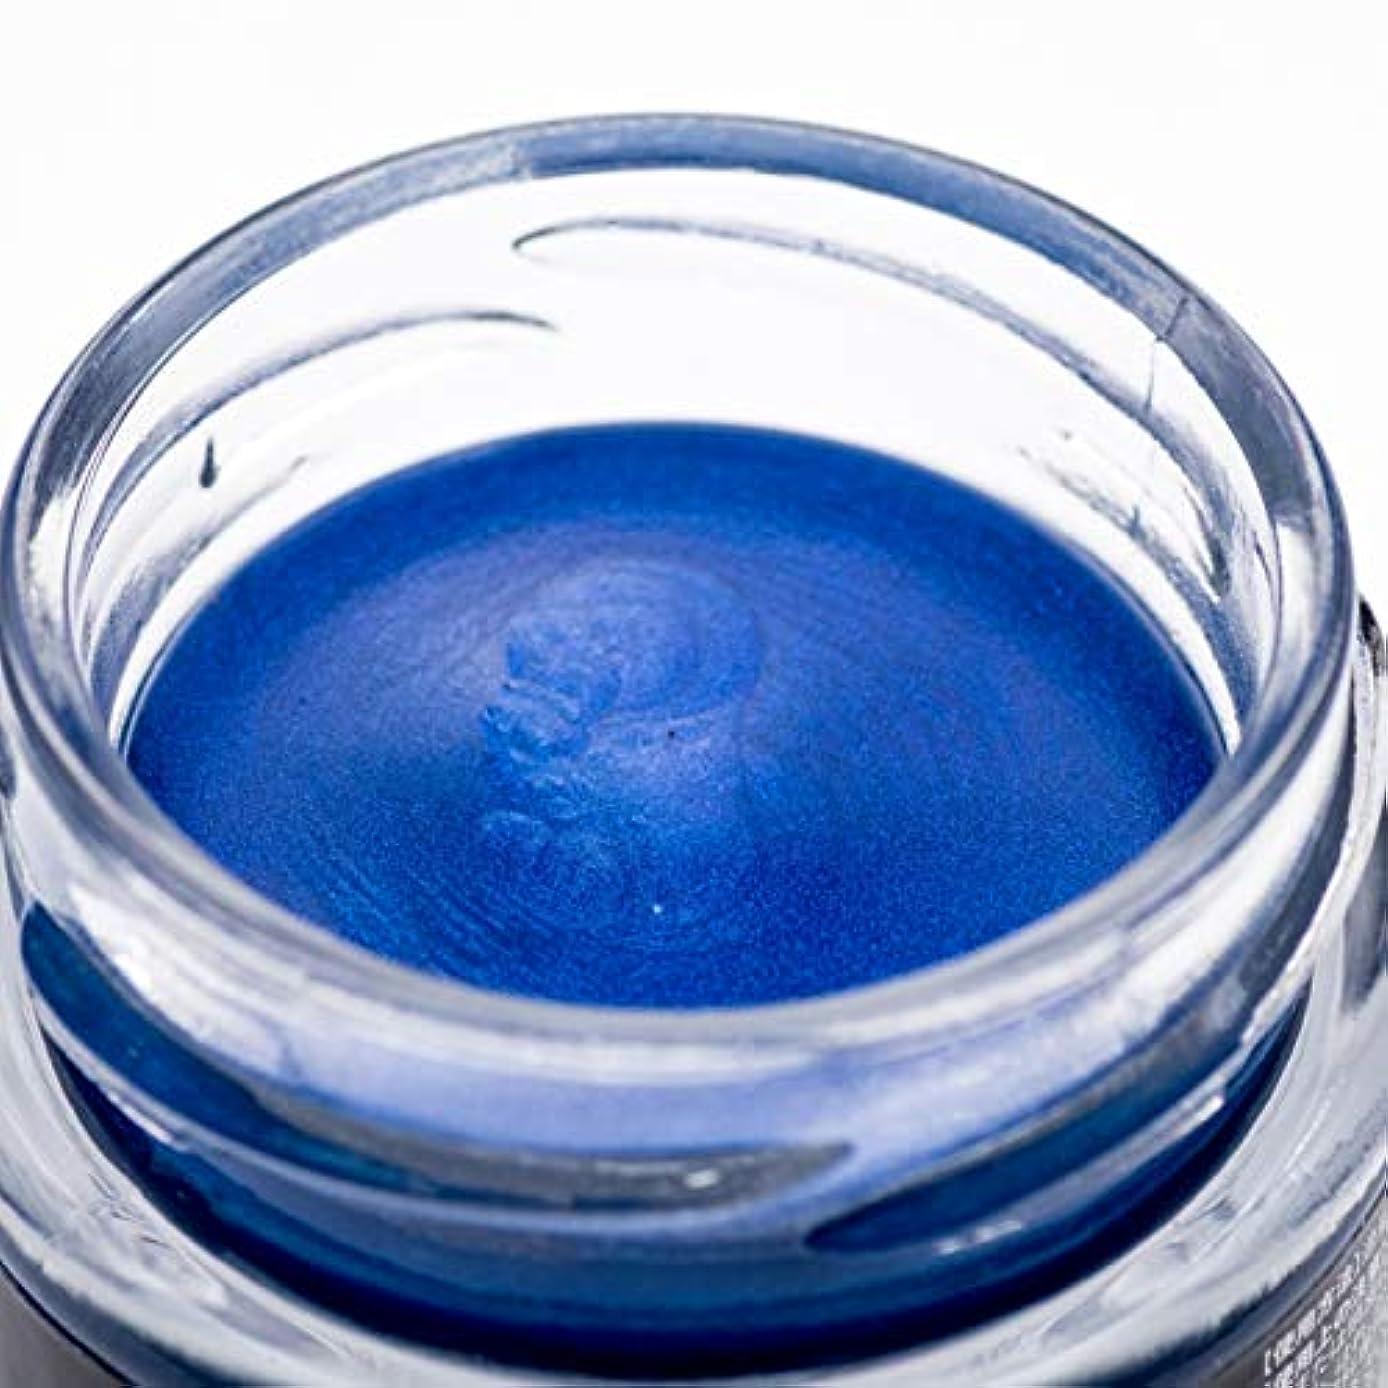 識別覚えているによってEMAJINY エマジニー カラーワックス Mysterious Blue ブルー M25 36g